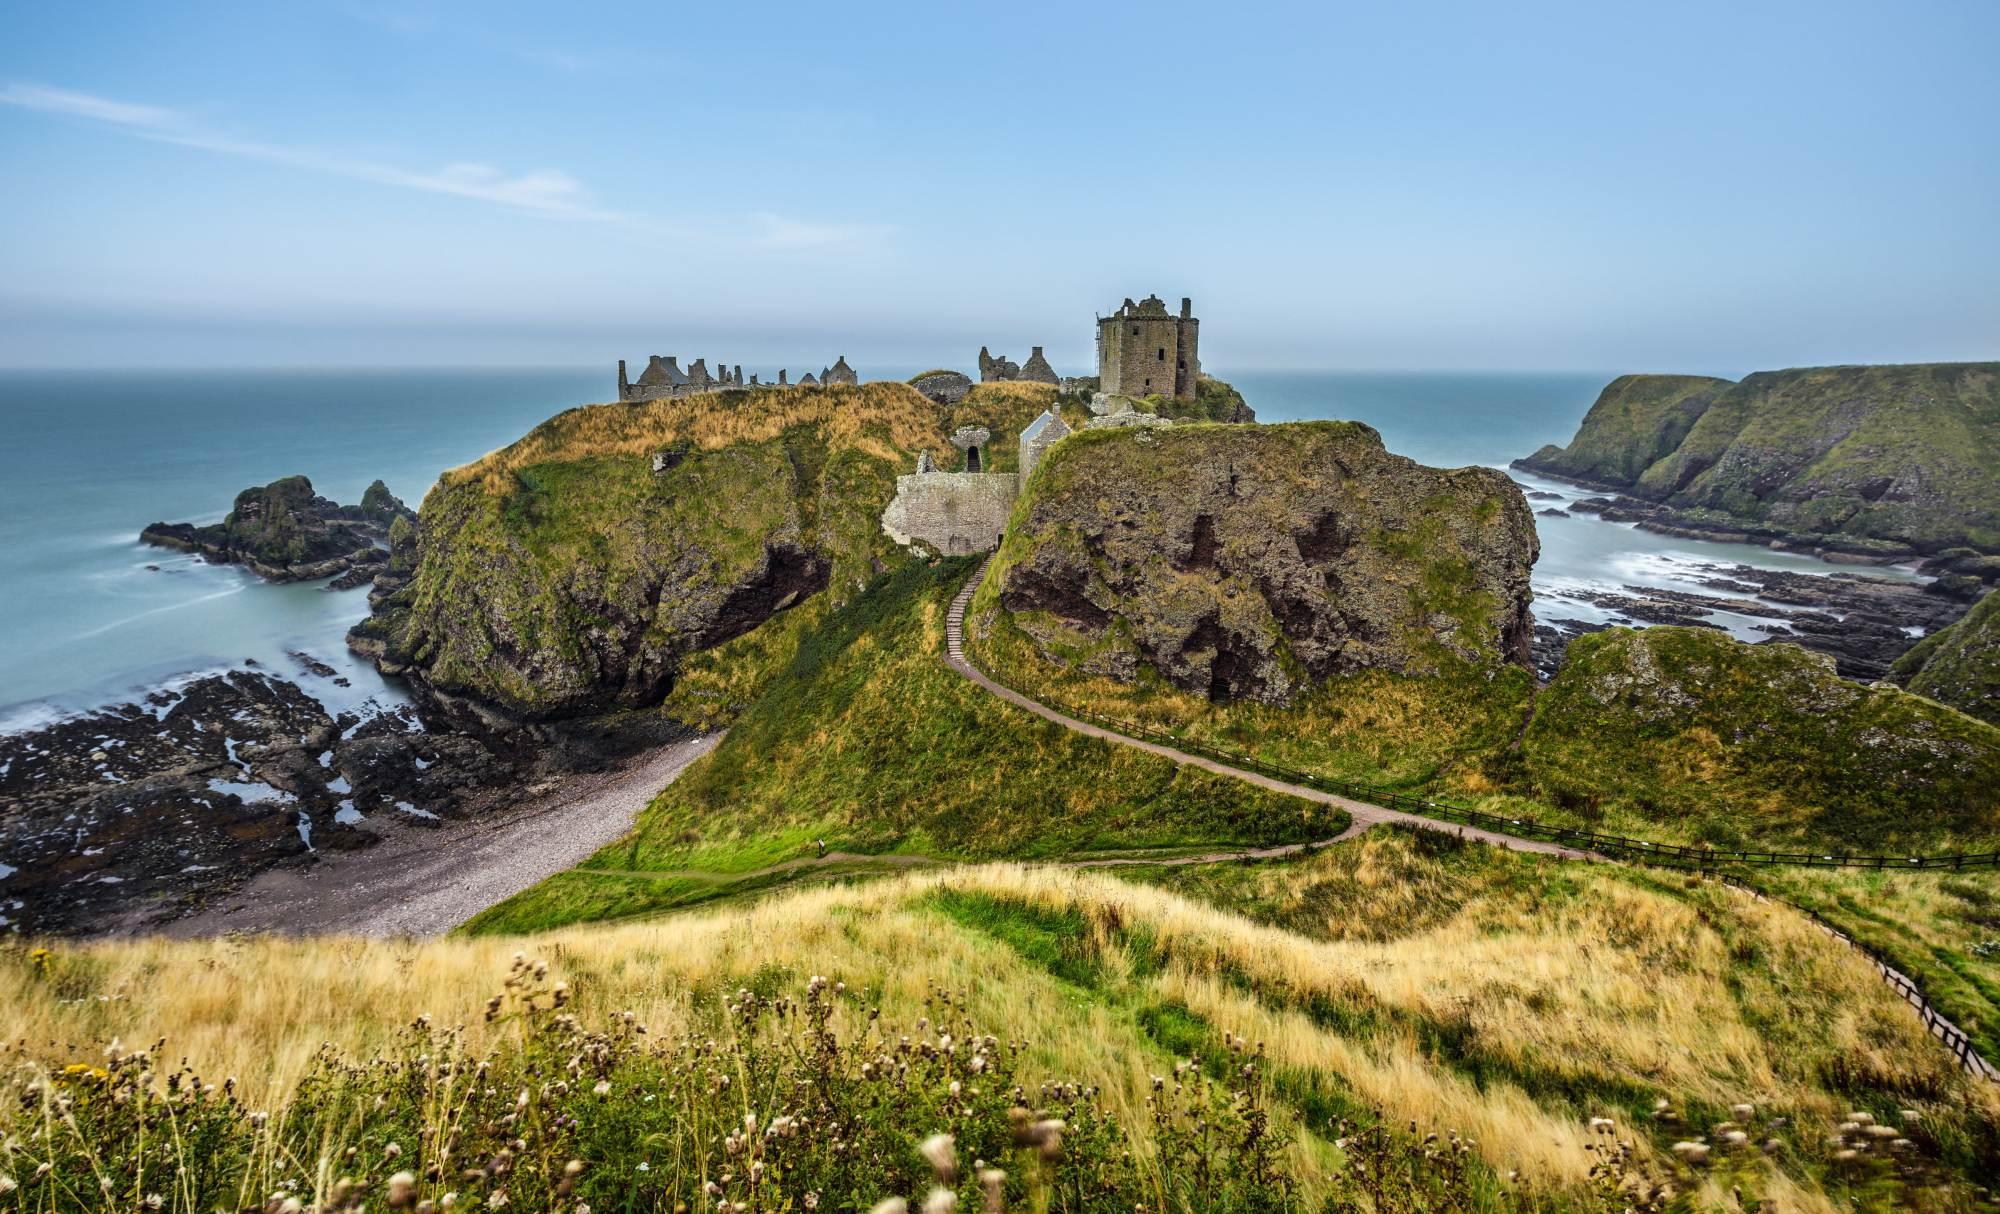 Te miejsca przekonują, że warto odwiedzić Szkocję – krainę wiatru i przyrody